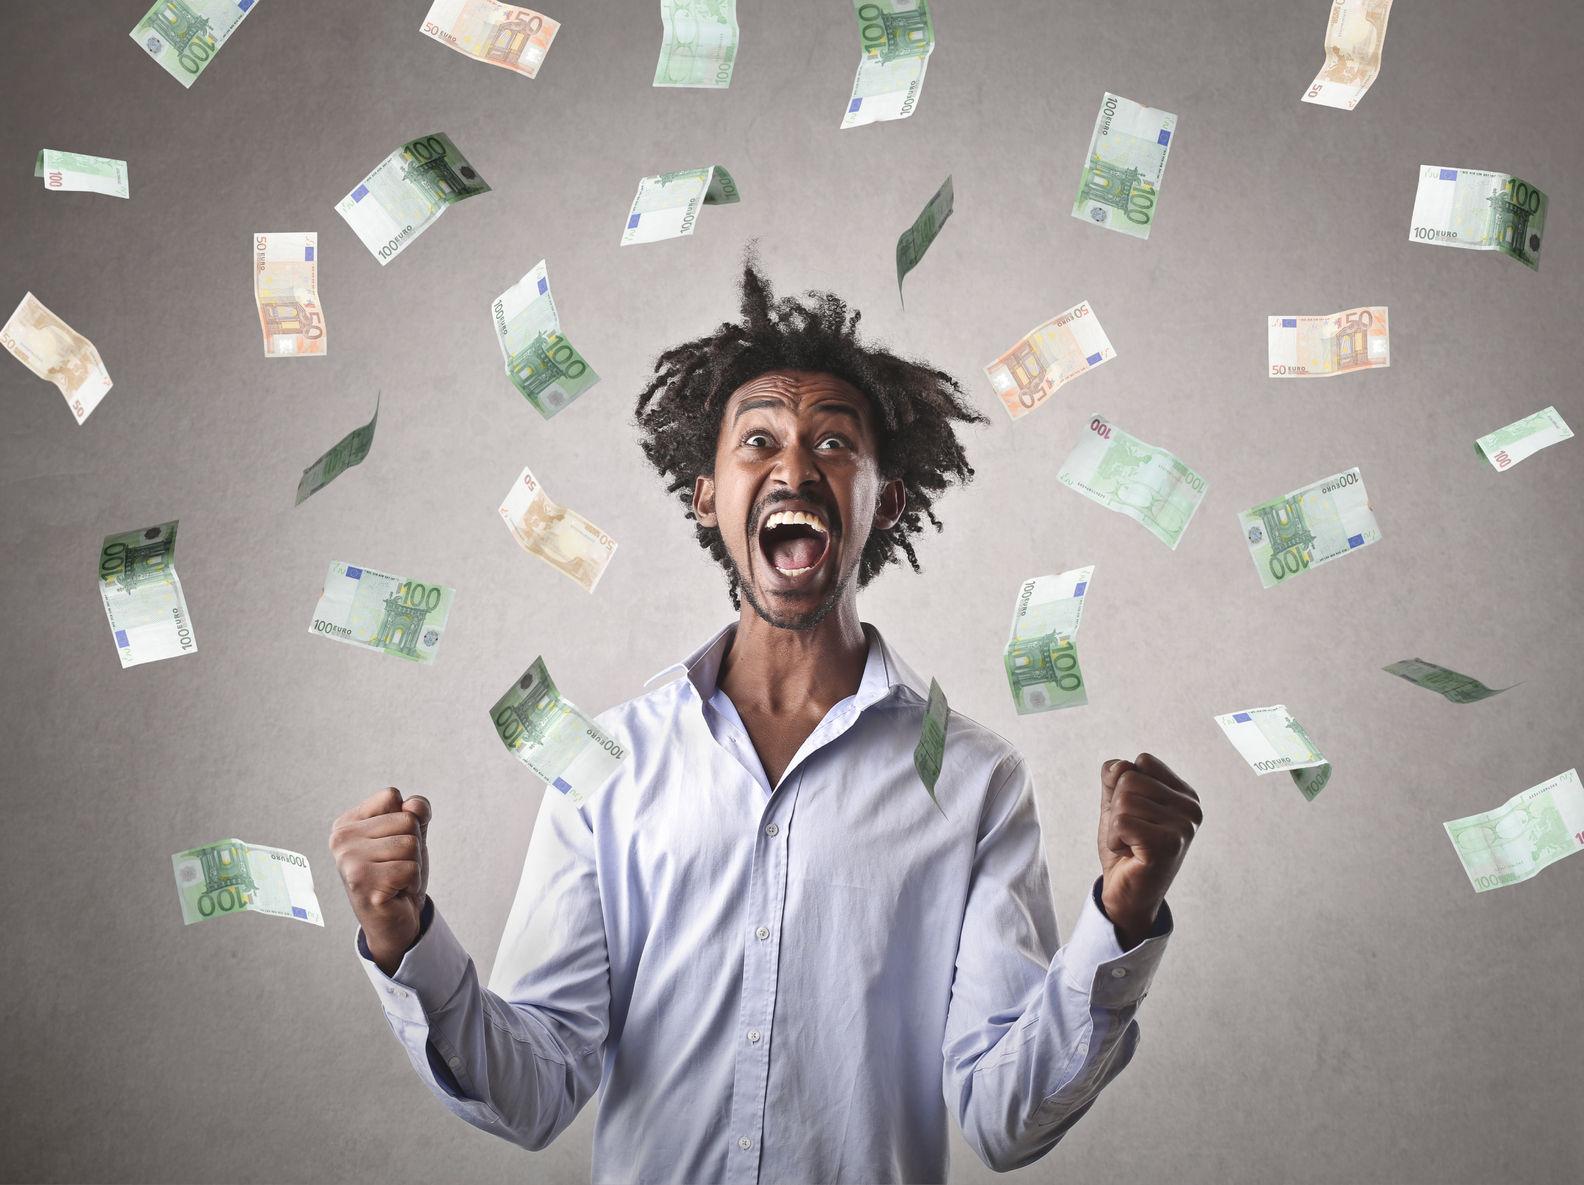 Pieniądz. U progu nowego żywiołu